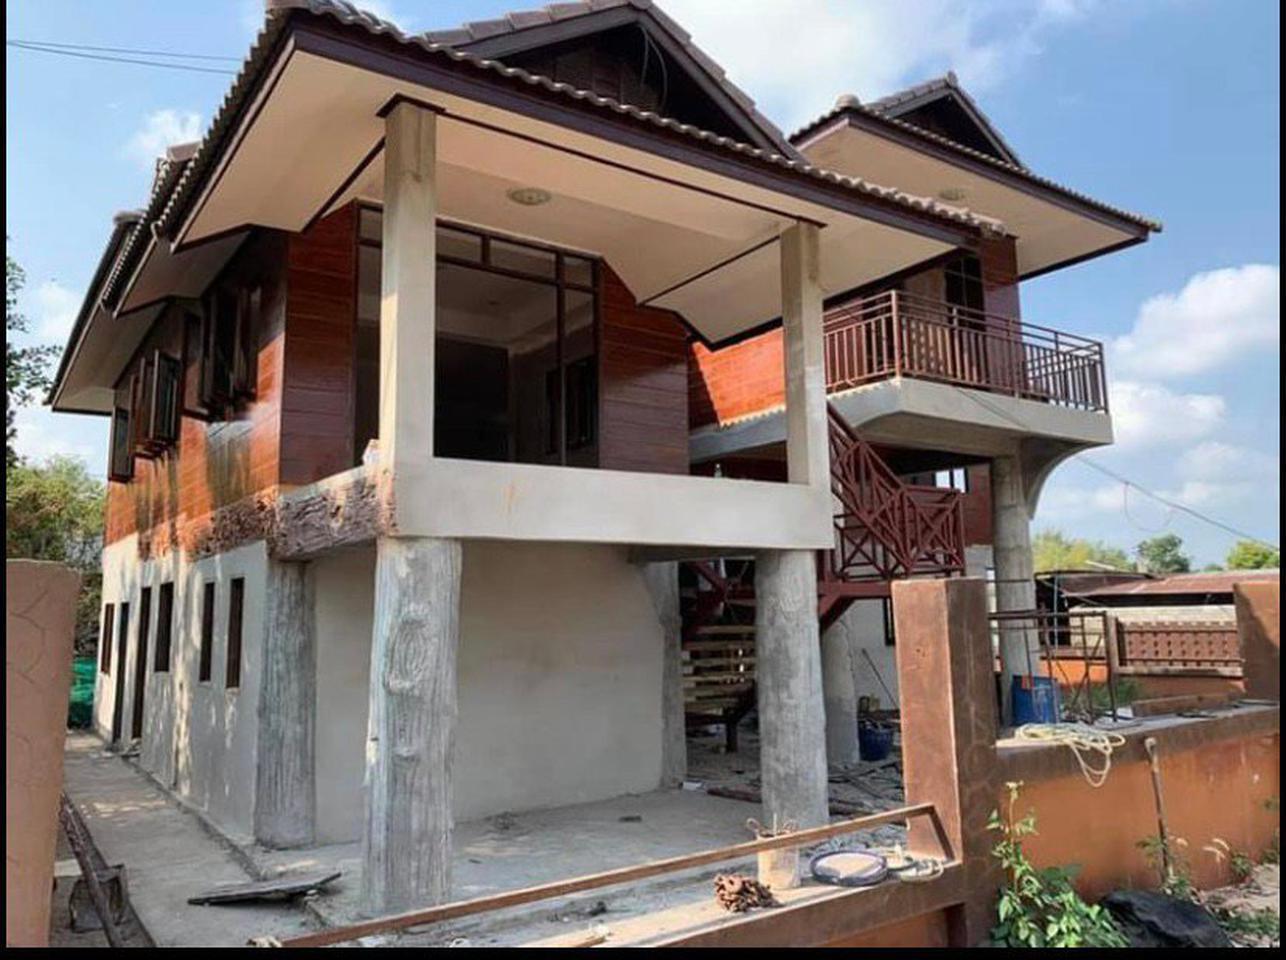 ขายบ้านเดี่ยว 2 ชั้นพัทยา  บ้านขายถูกใกล้เสร็จแล้ว ราคาขาย 3.9 ล้านบาท รูปที่ 6